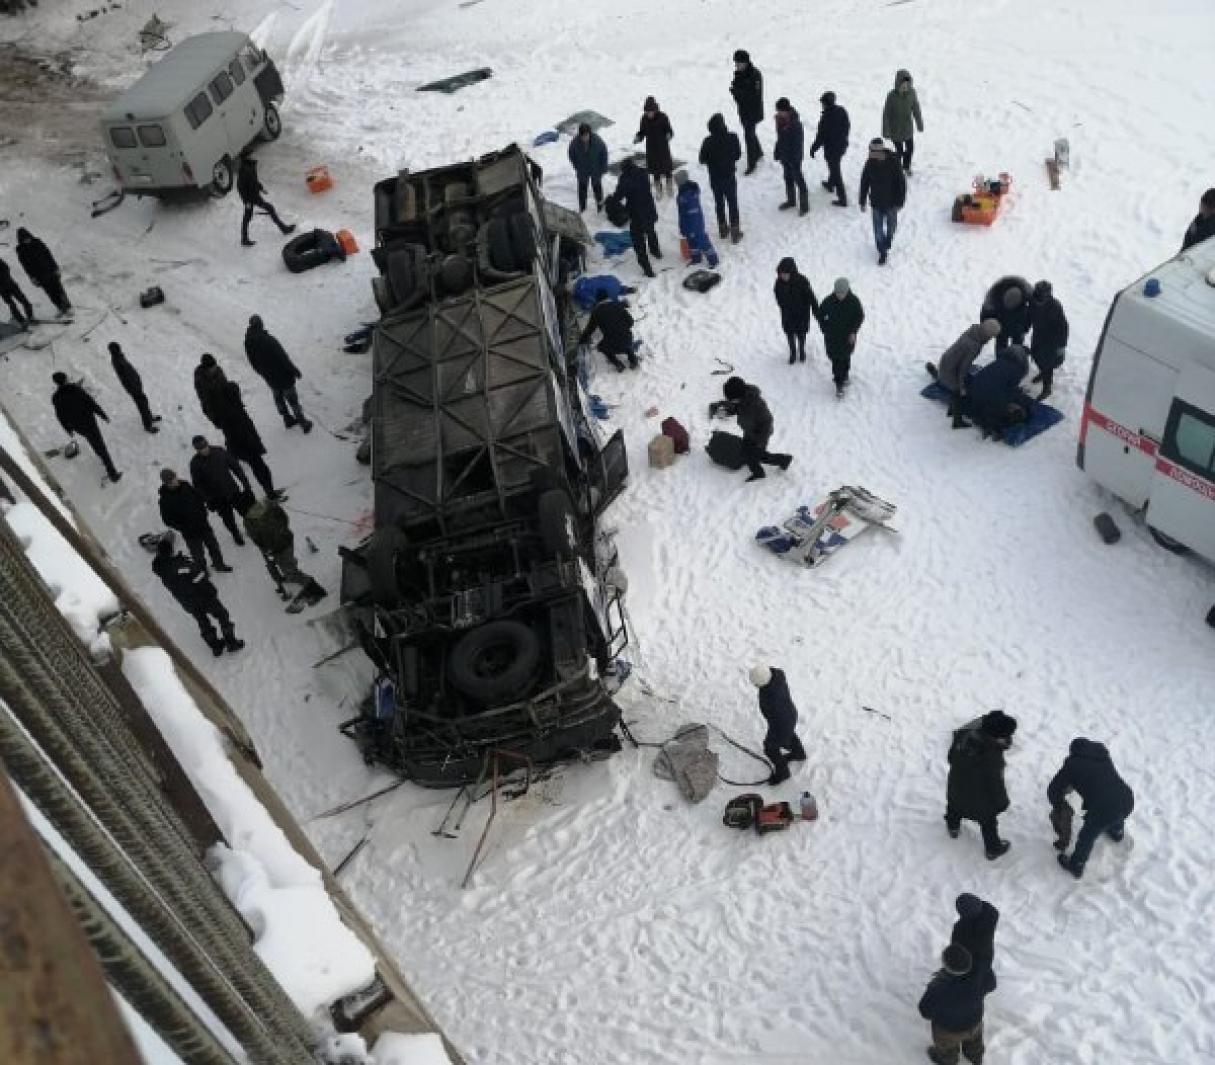 Пассажирский автобус рухнул с моста в России, погибли 15 человек (ФОТО)